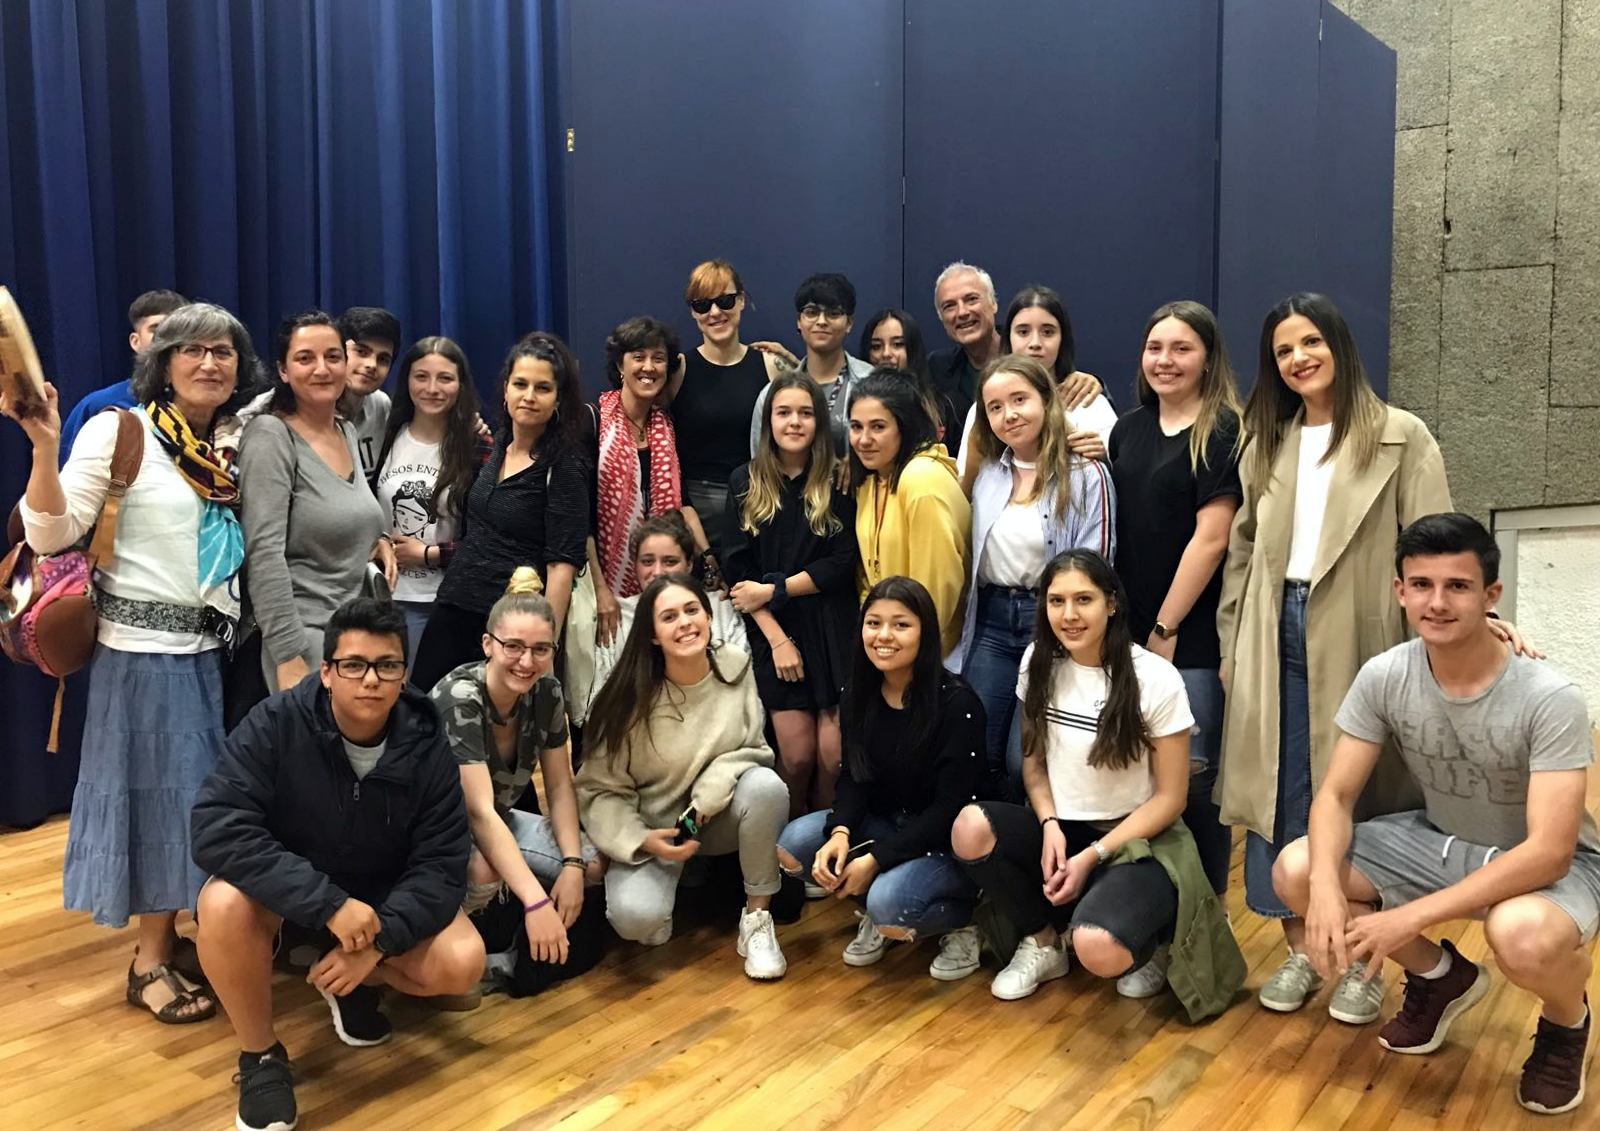 Concerto de SES a estudantes do Concello de Culleredo, na Universidade Laboral